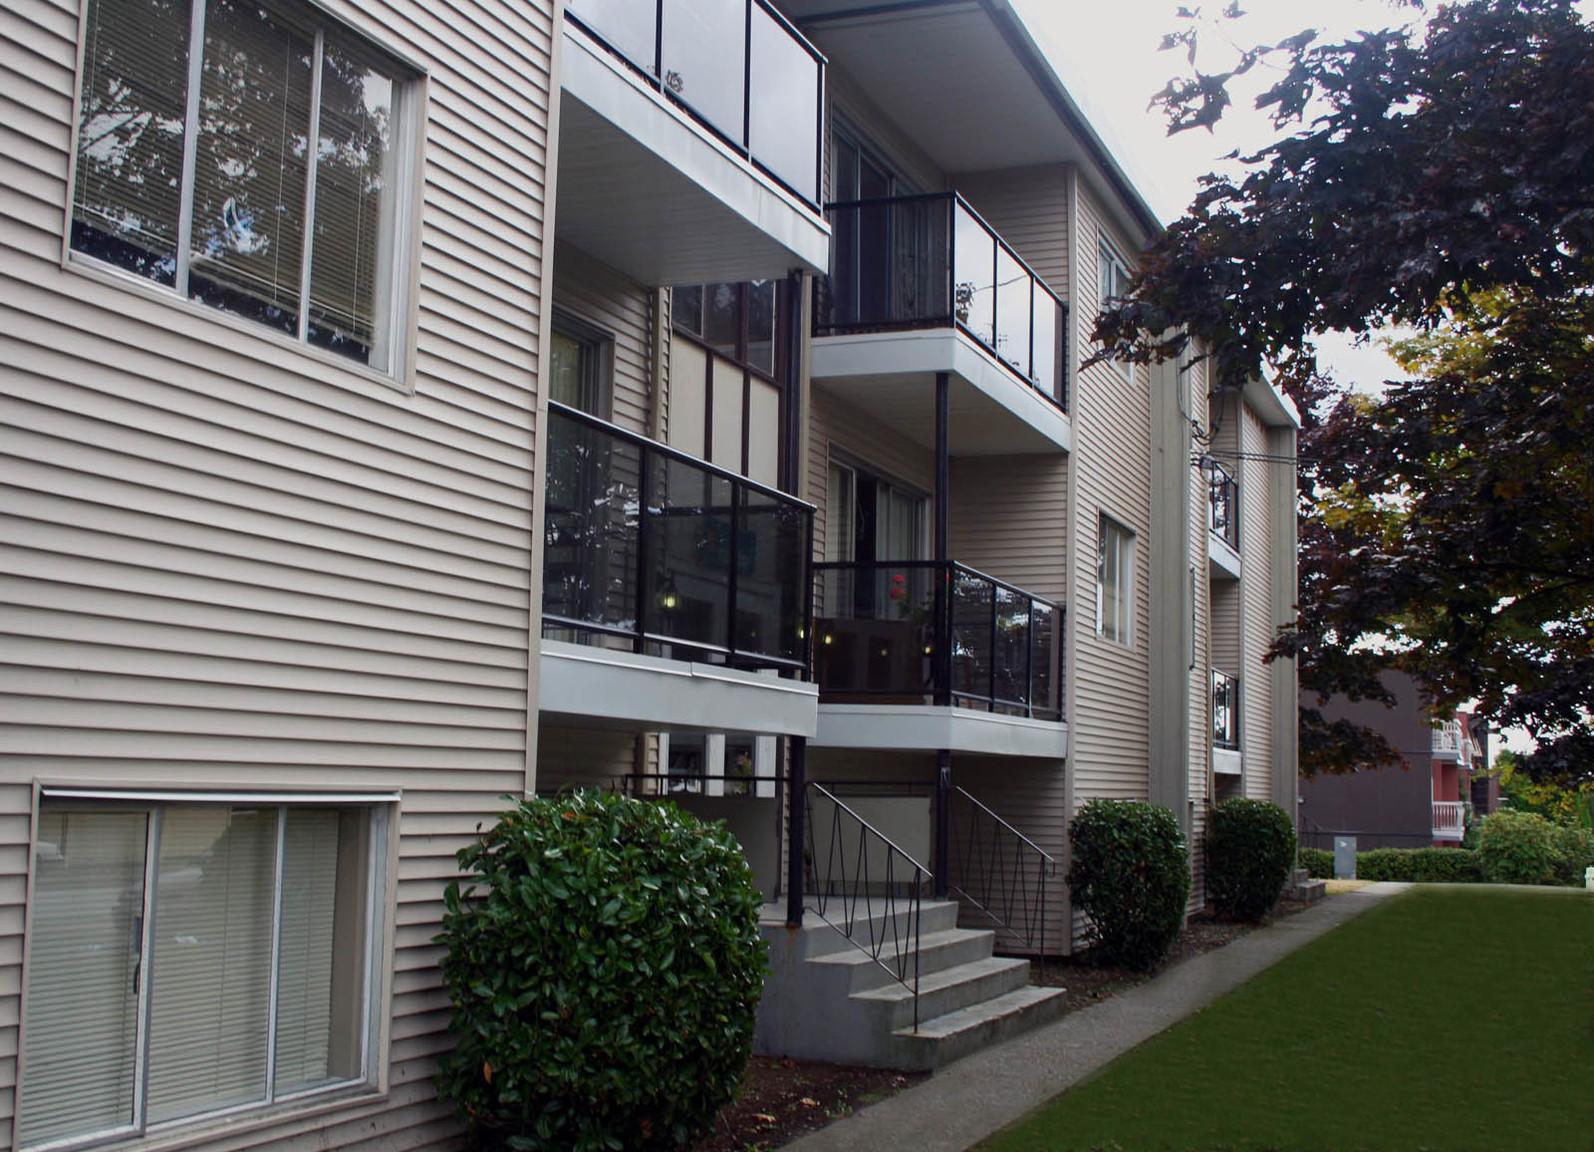 12751 103 Avenue, Surrey, BC - $1,300